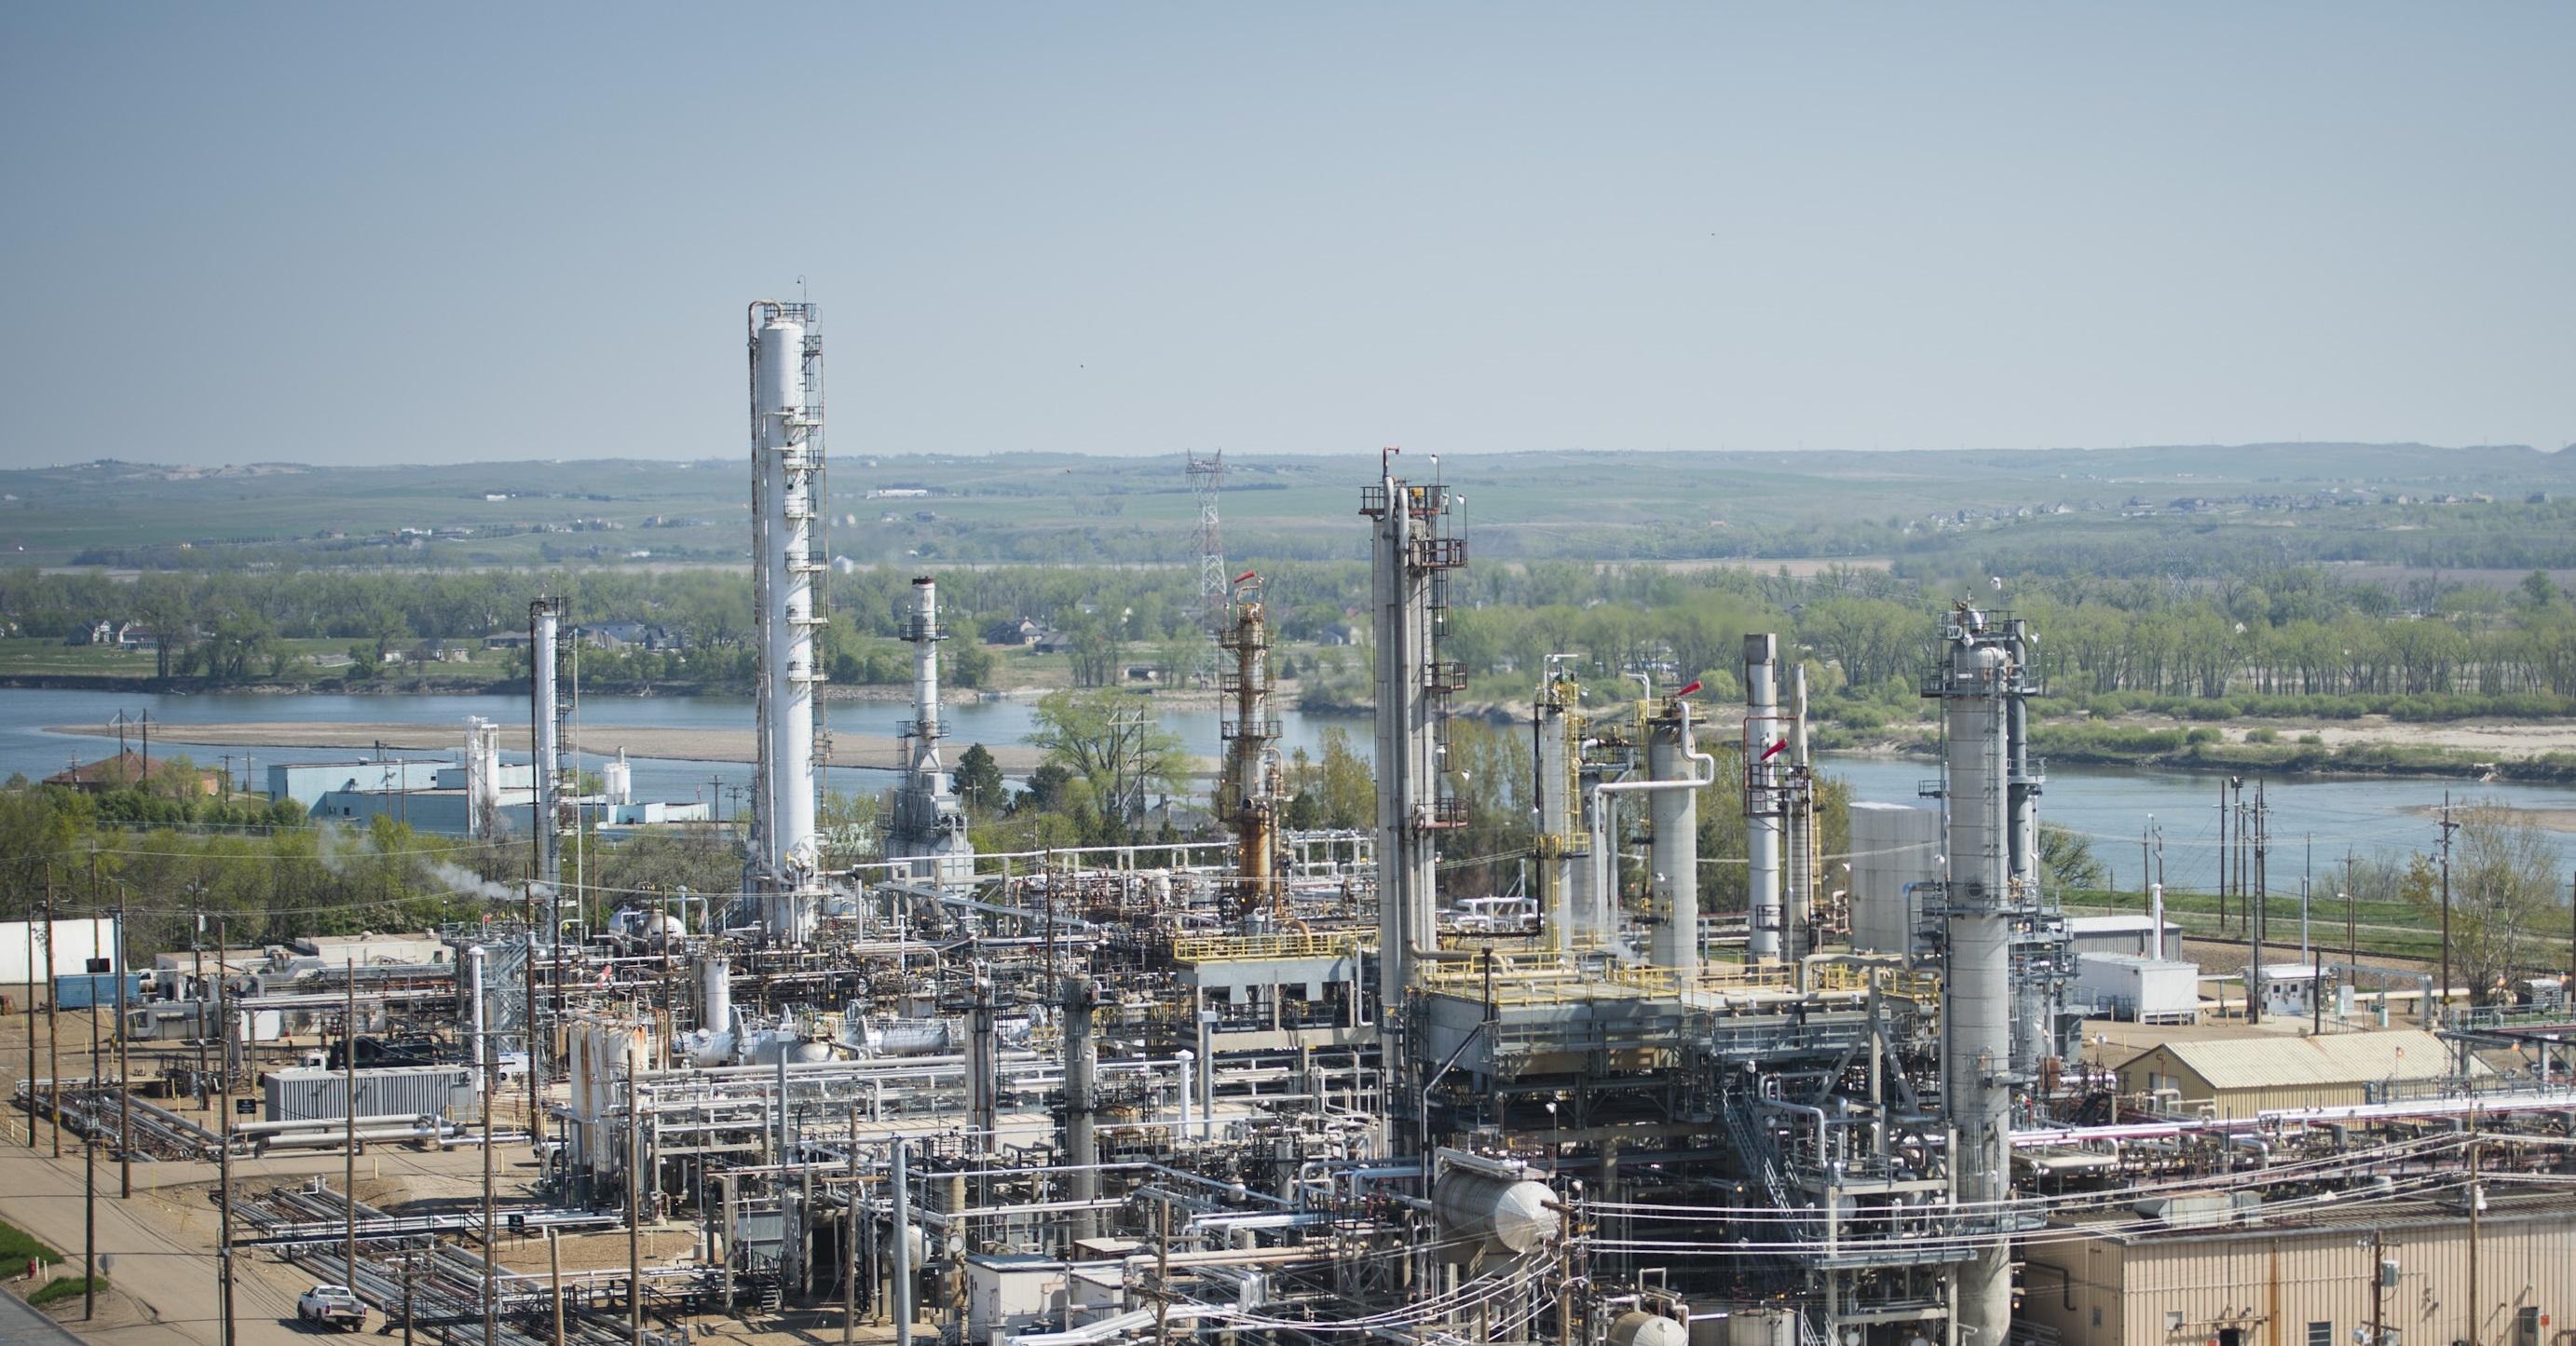 Mandan Refinery